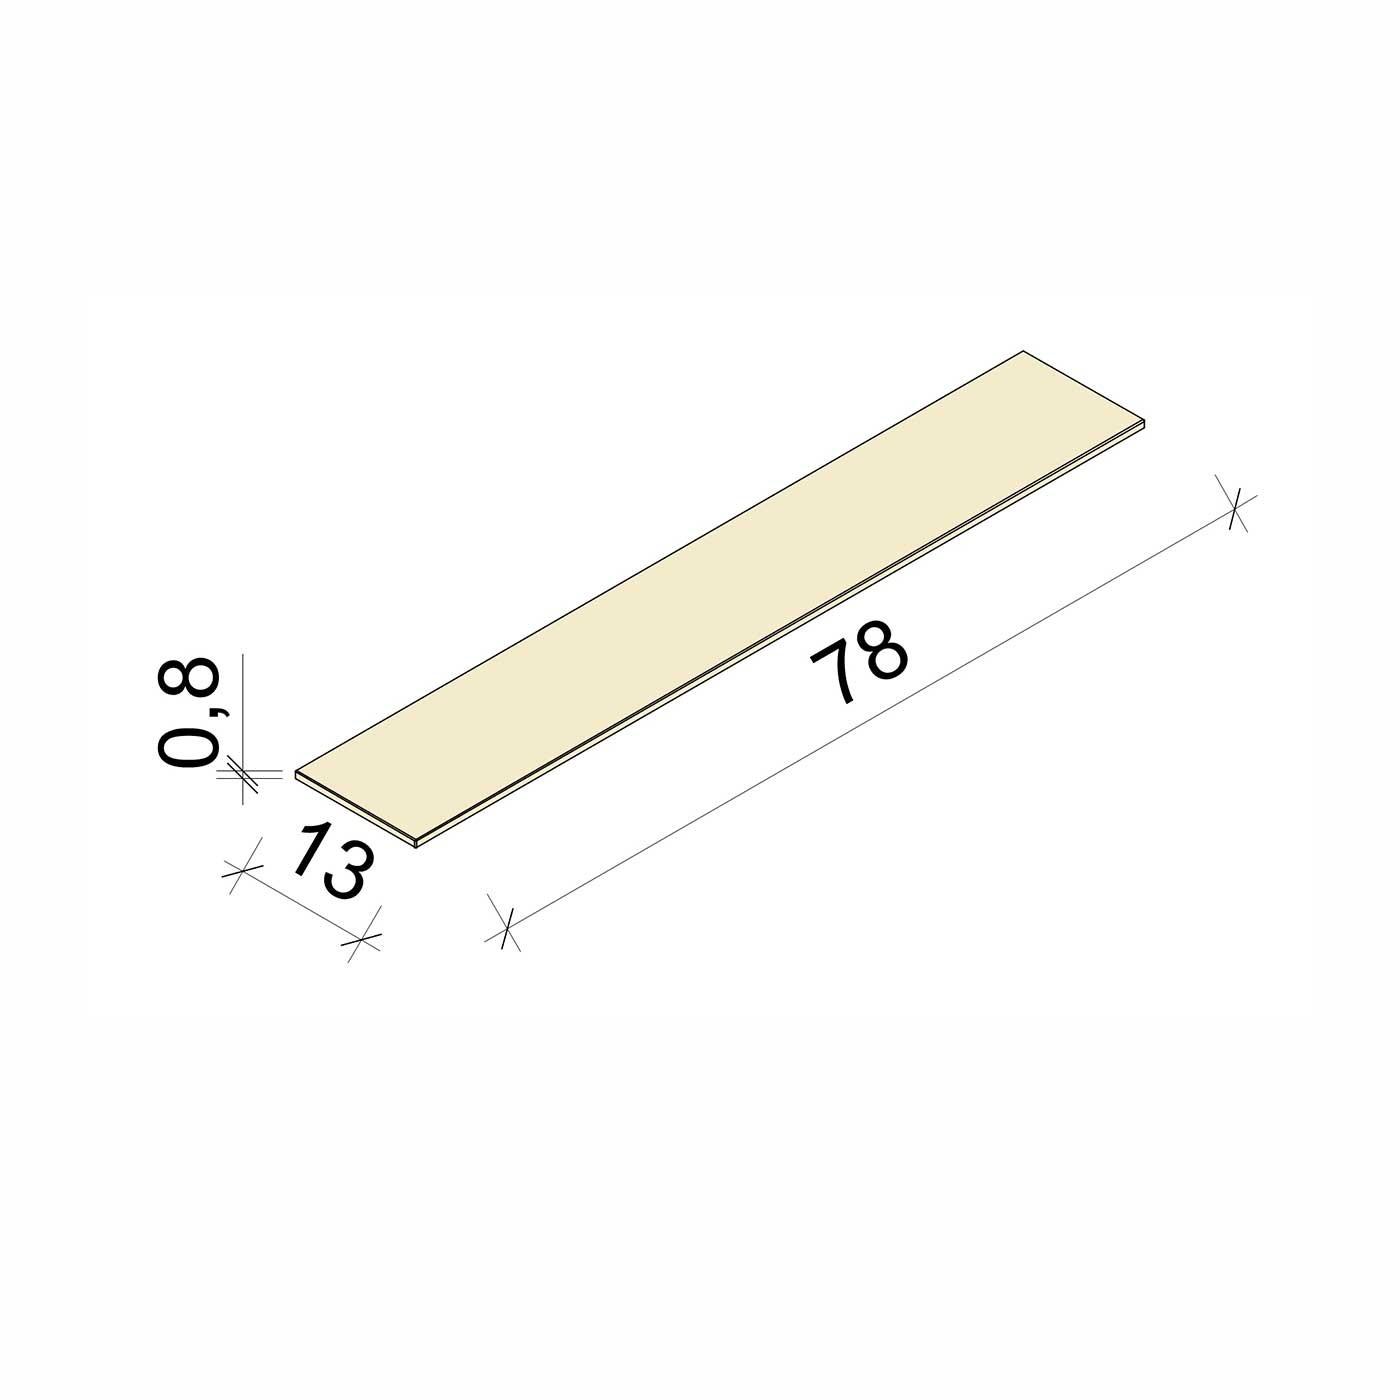 E.T. Stolle - Glasboden - Maße: 78 x 13 x 0,8 cm